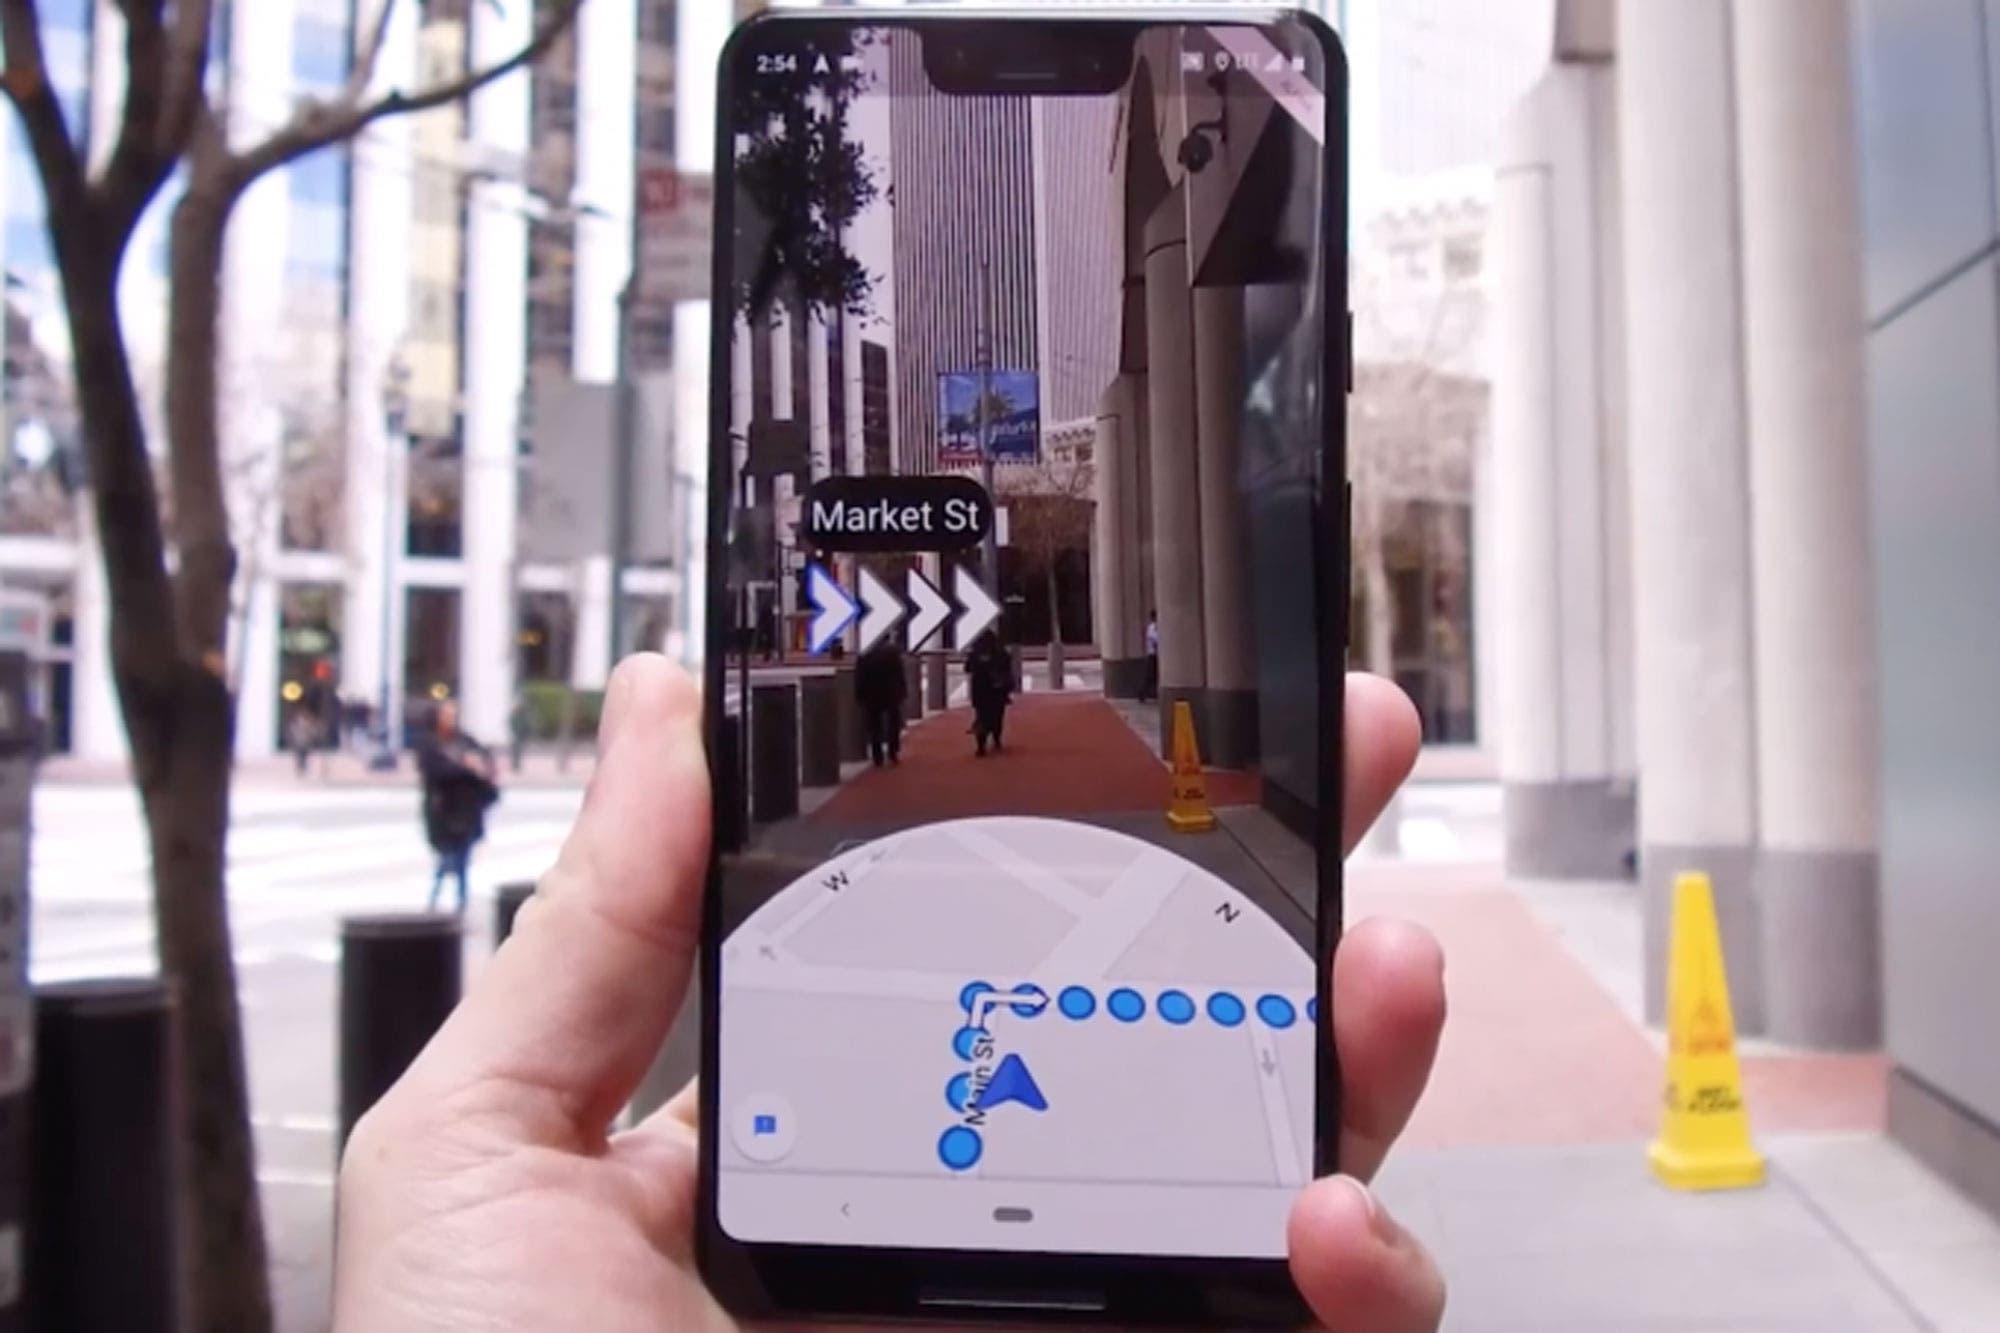 Al estilo Pokémon Go: Google Maps estrena la navegación guiada con realidad aumentada